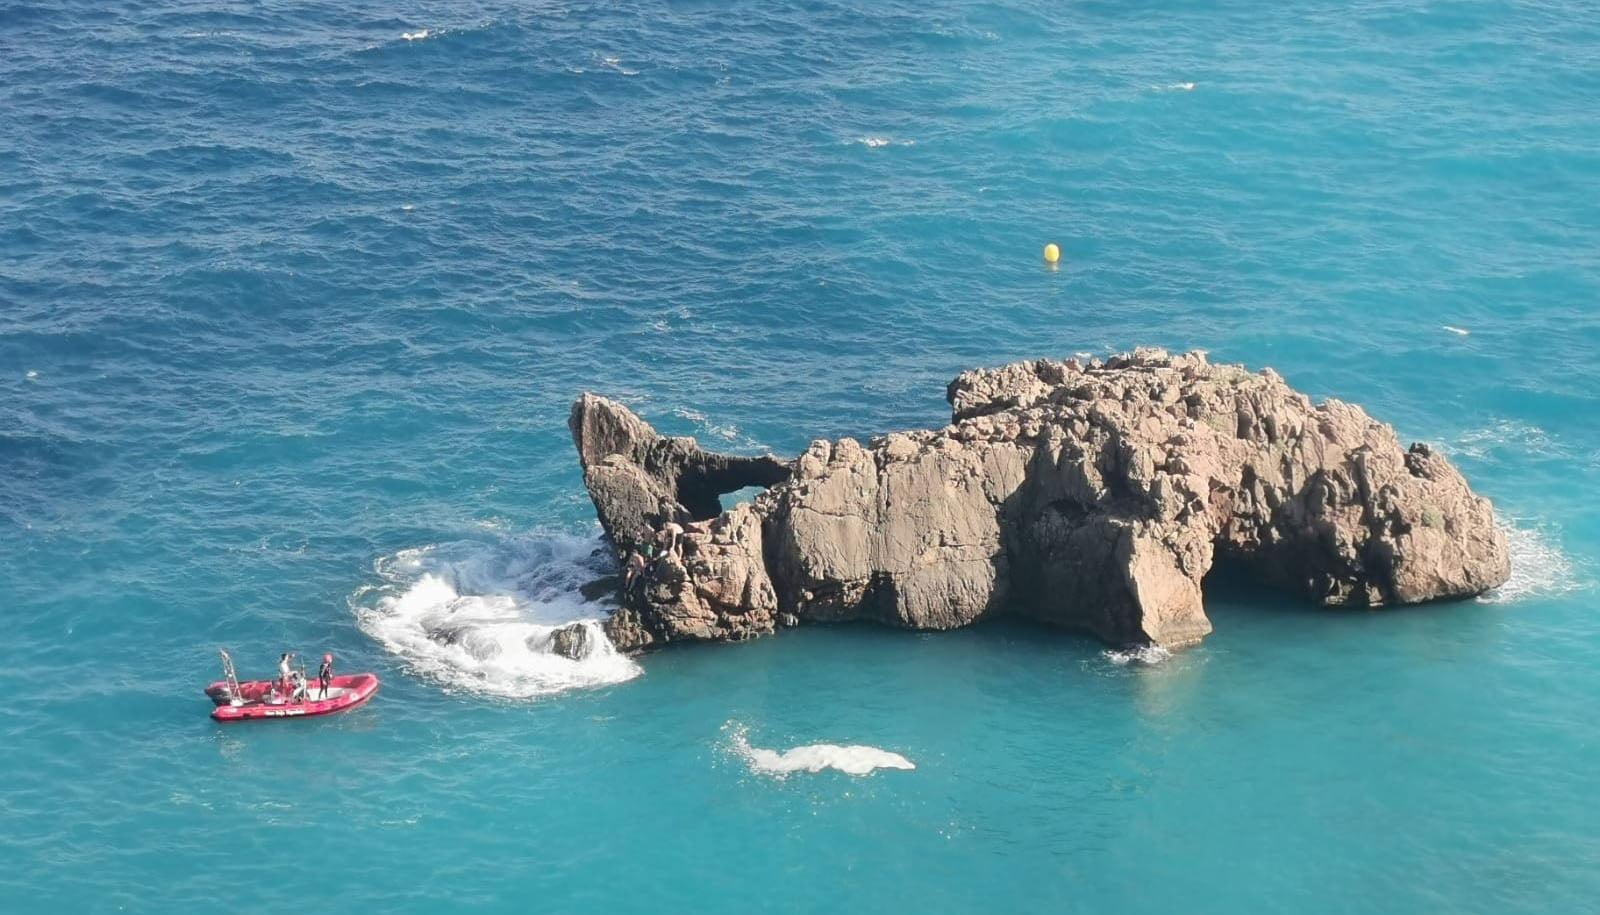 Rescate en el islote junto a la playa Ambolo